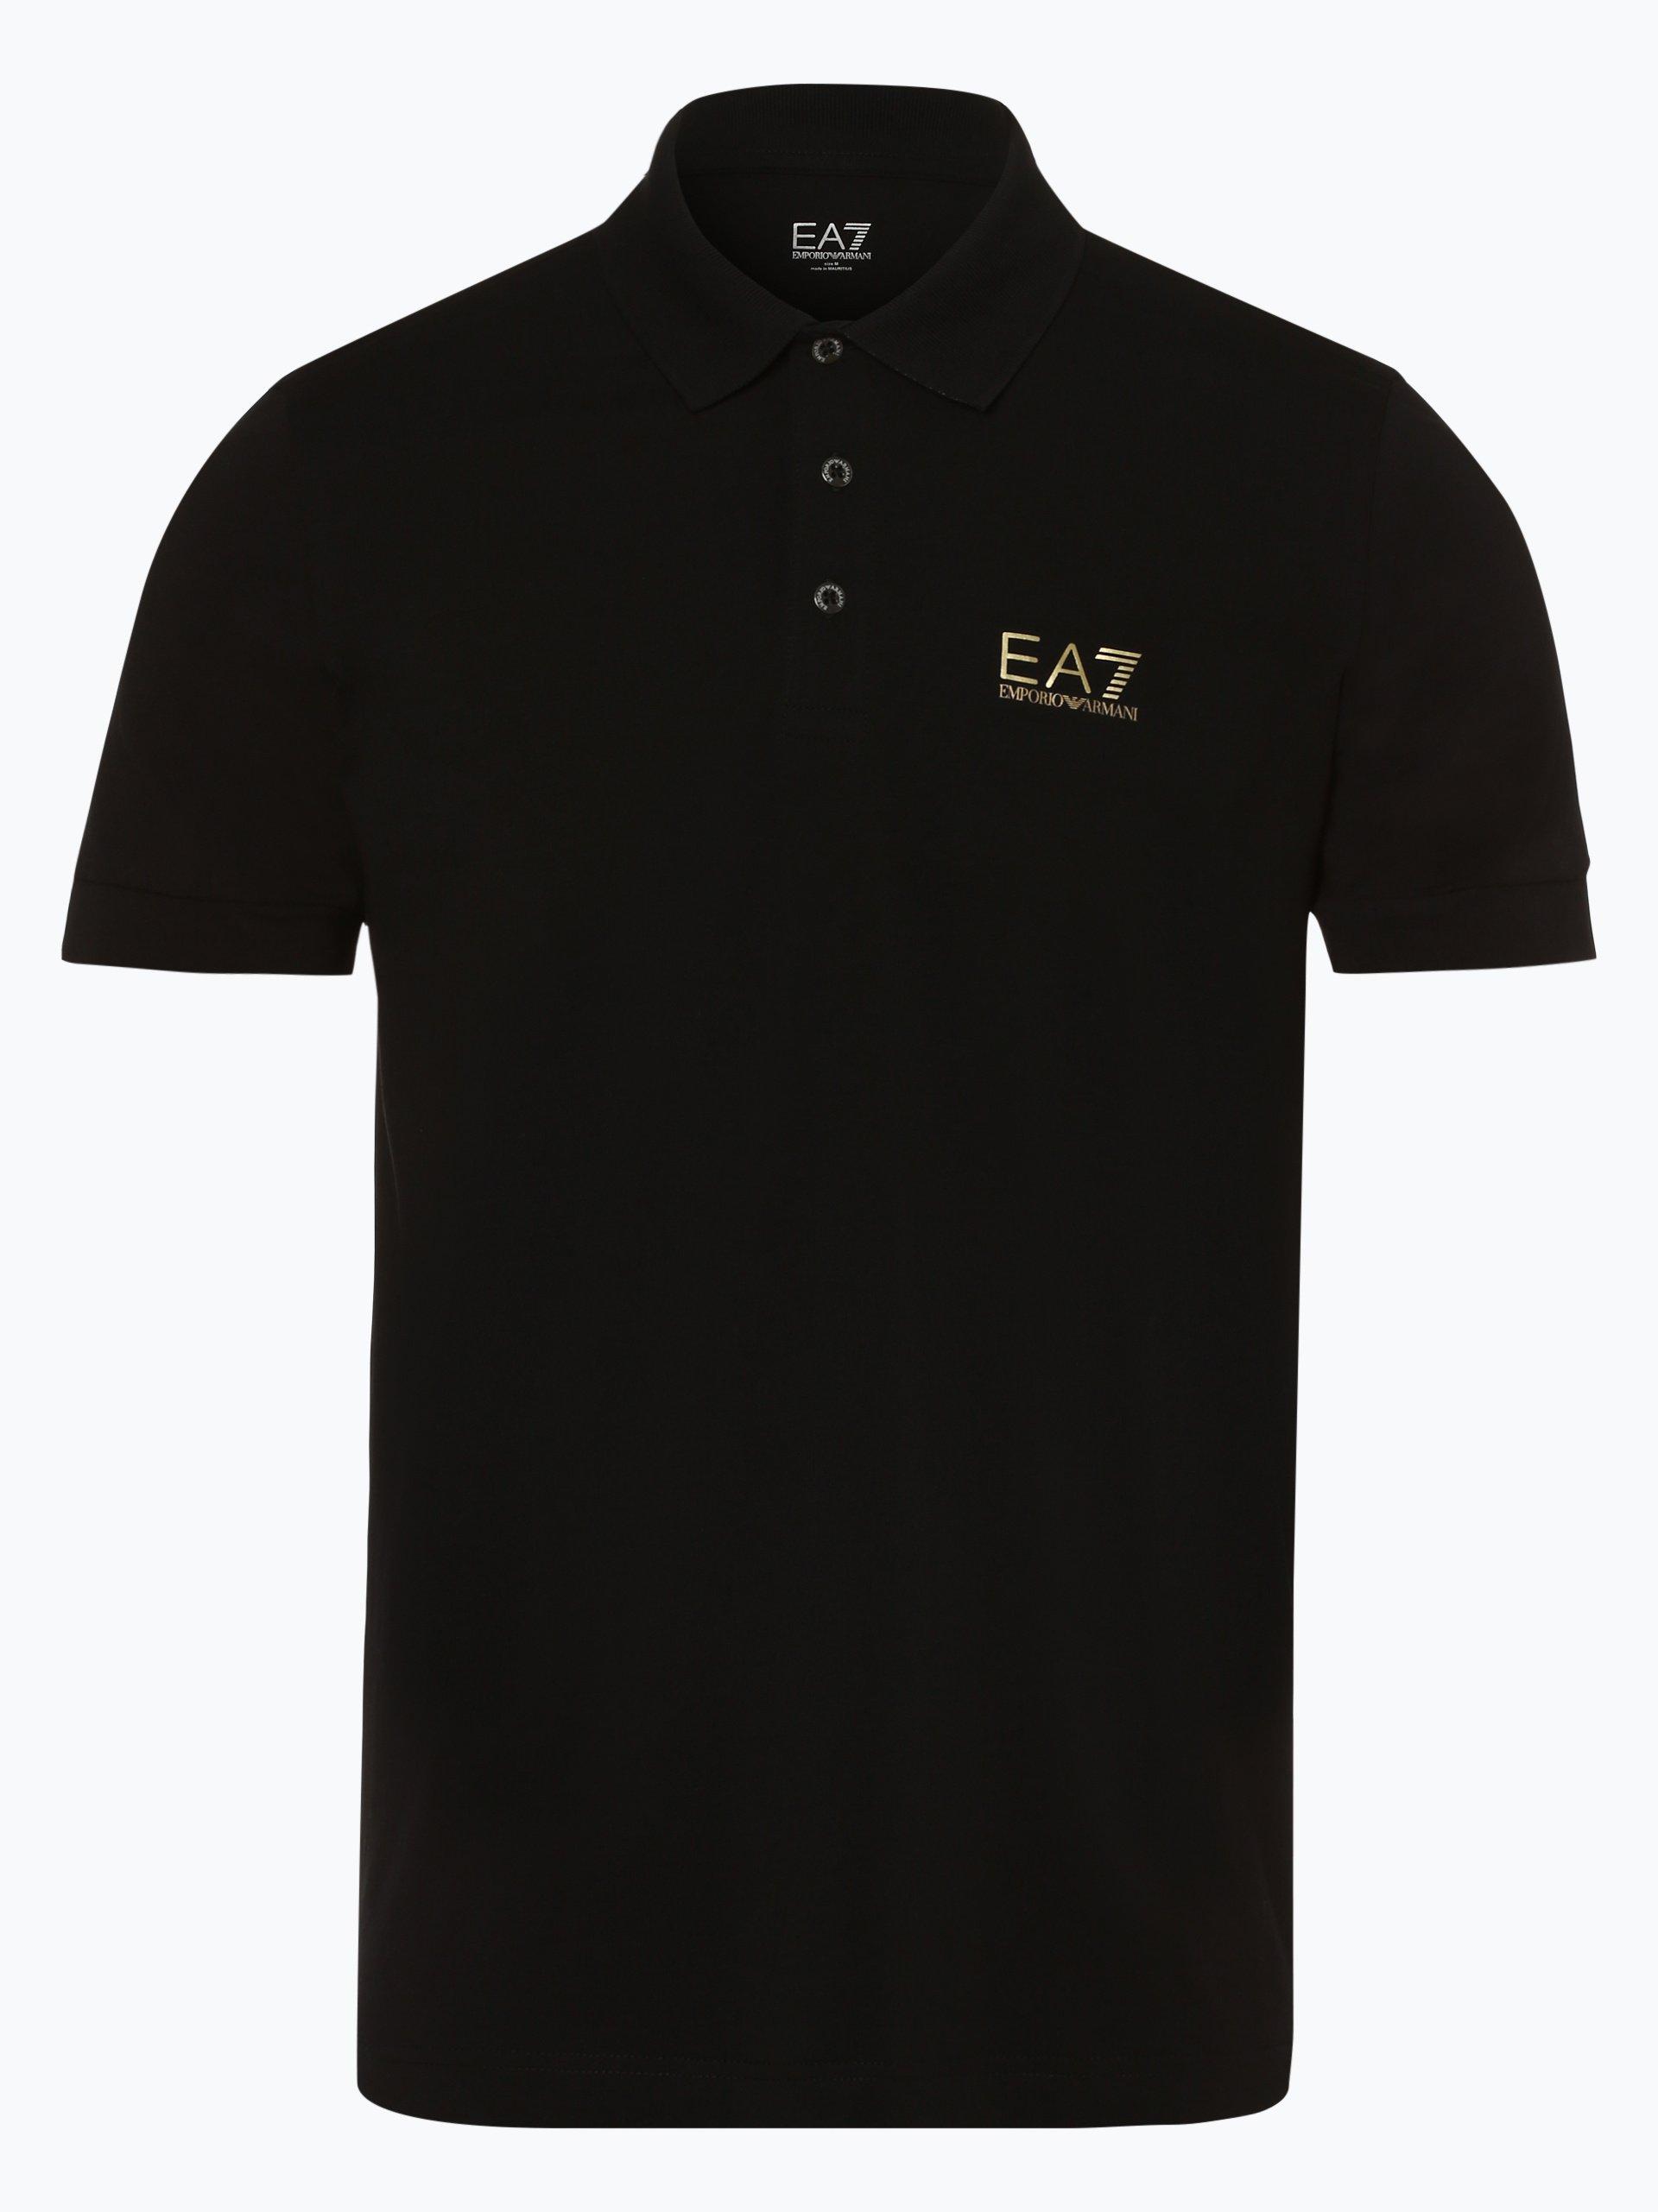 EA7 Emporio Armani Męska koszulka polo